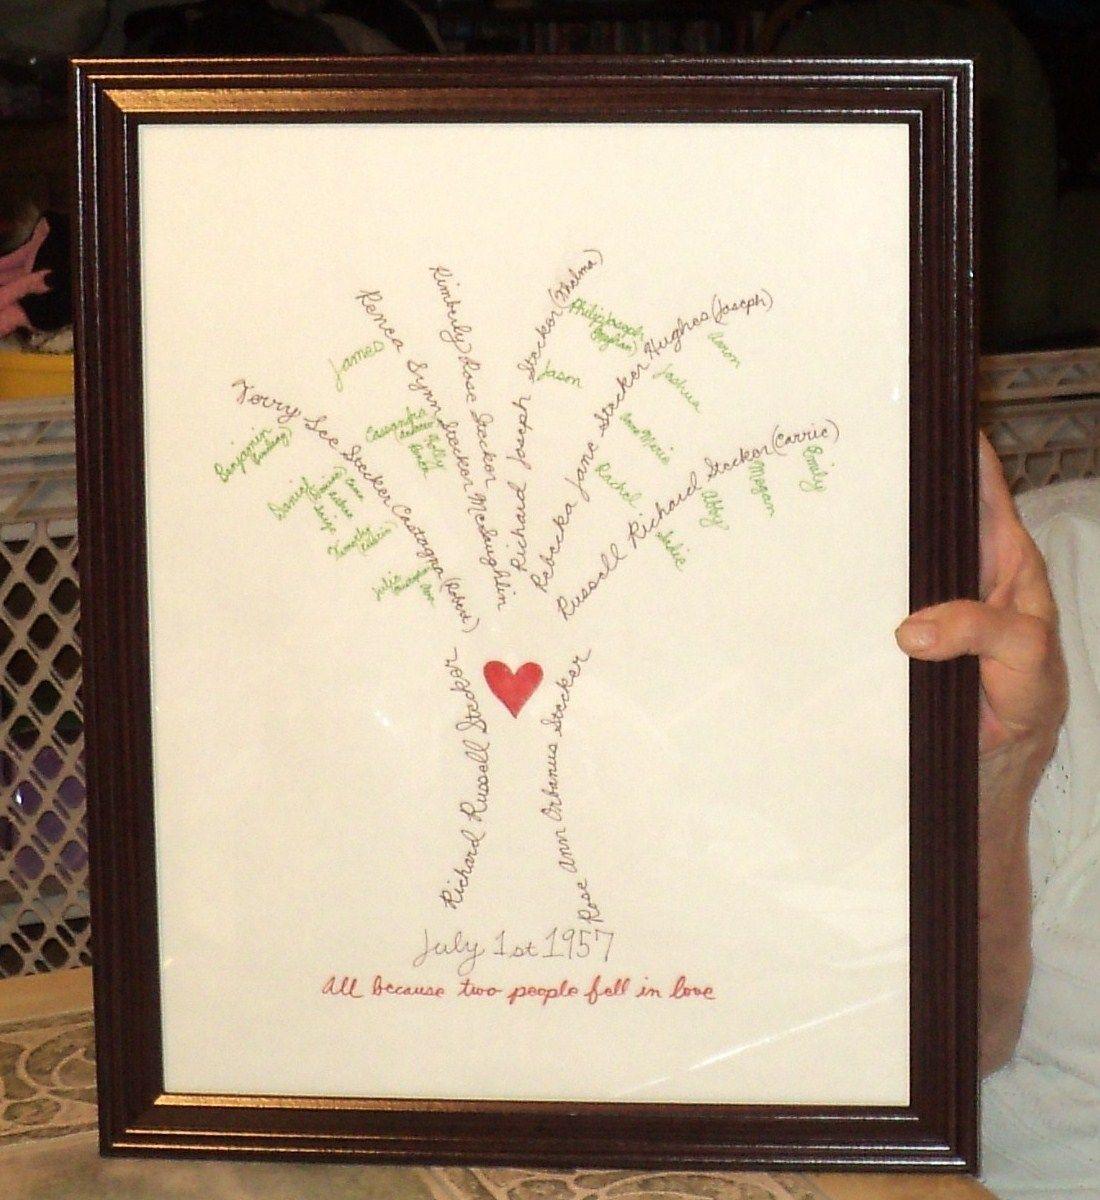 Handwritten Family Tree Gift For Gram's 70th Birthday